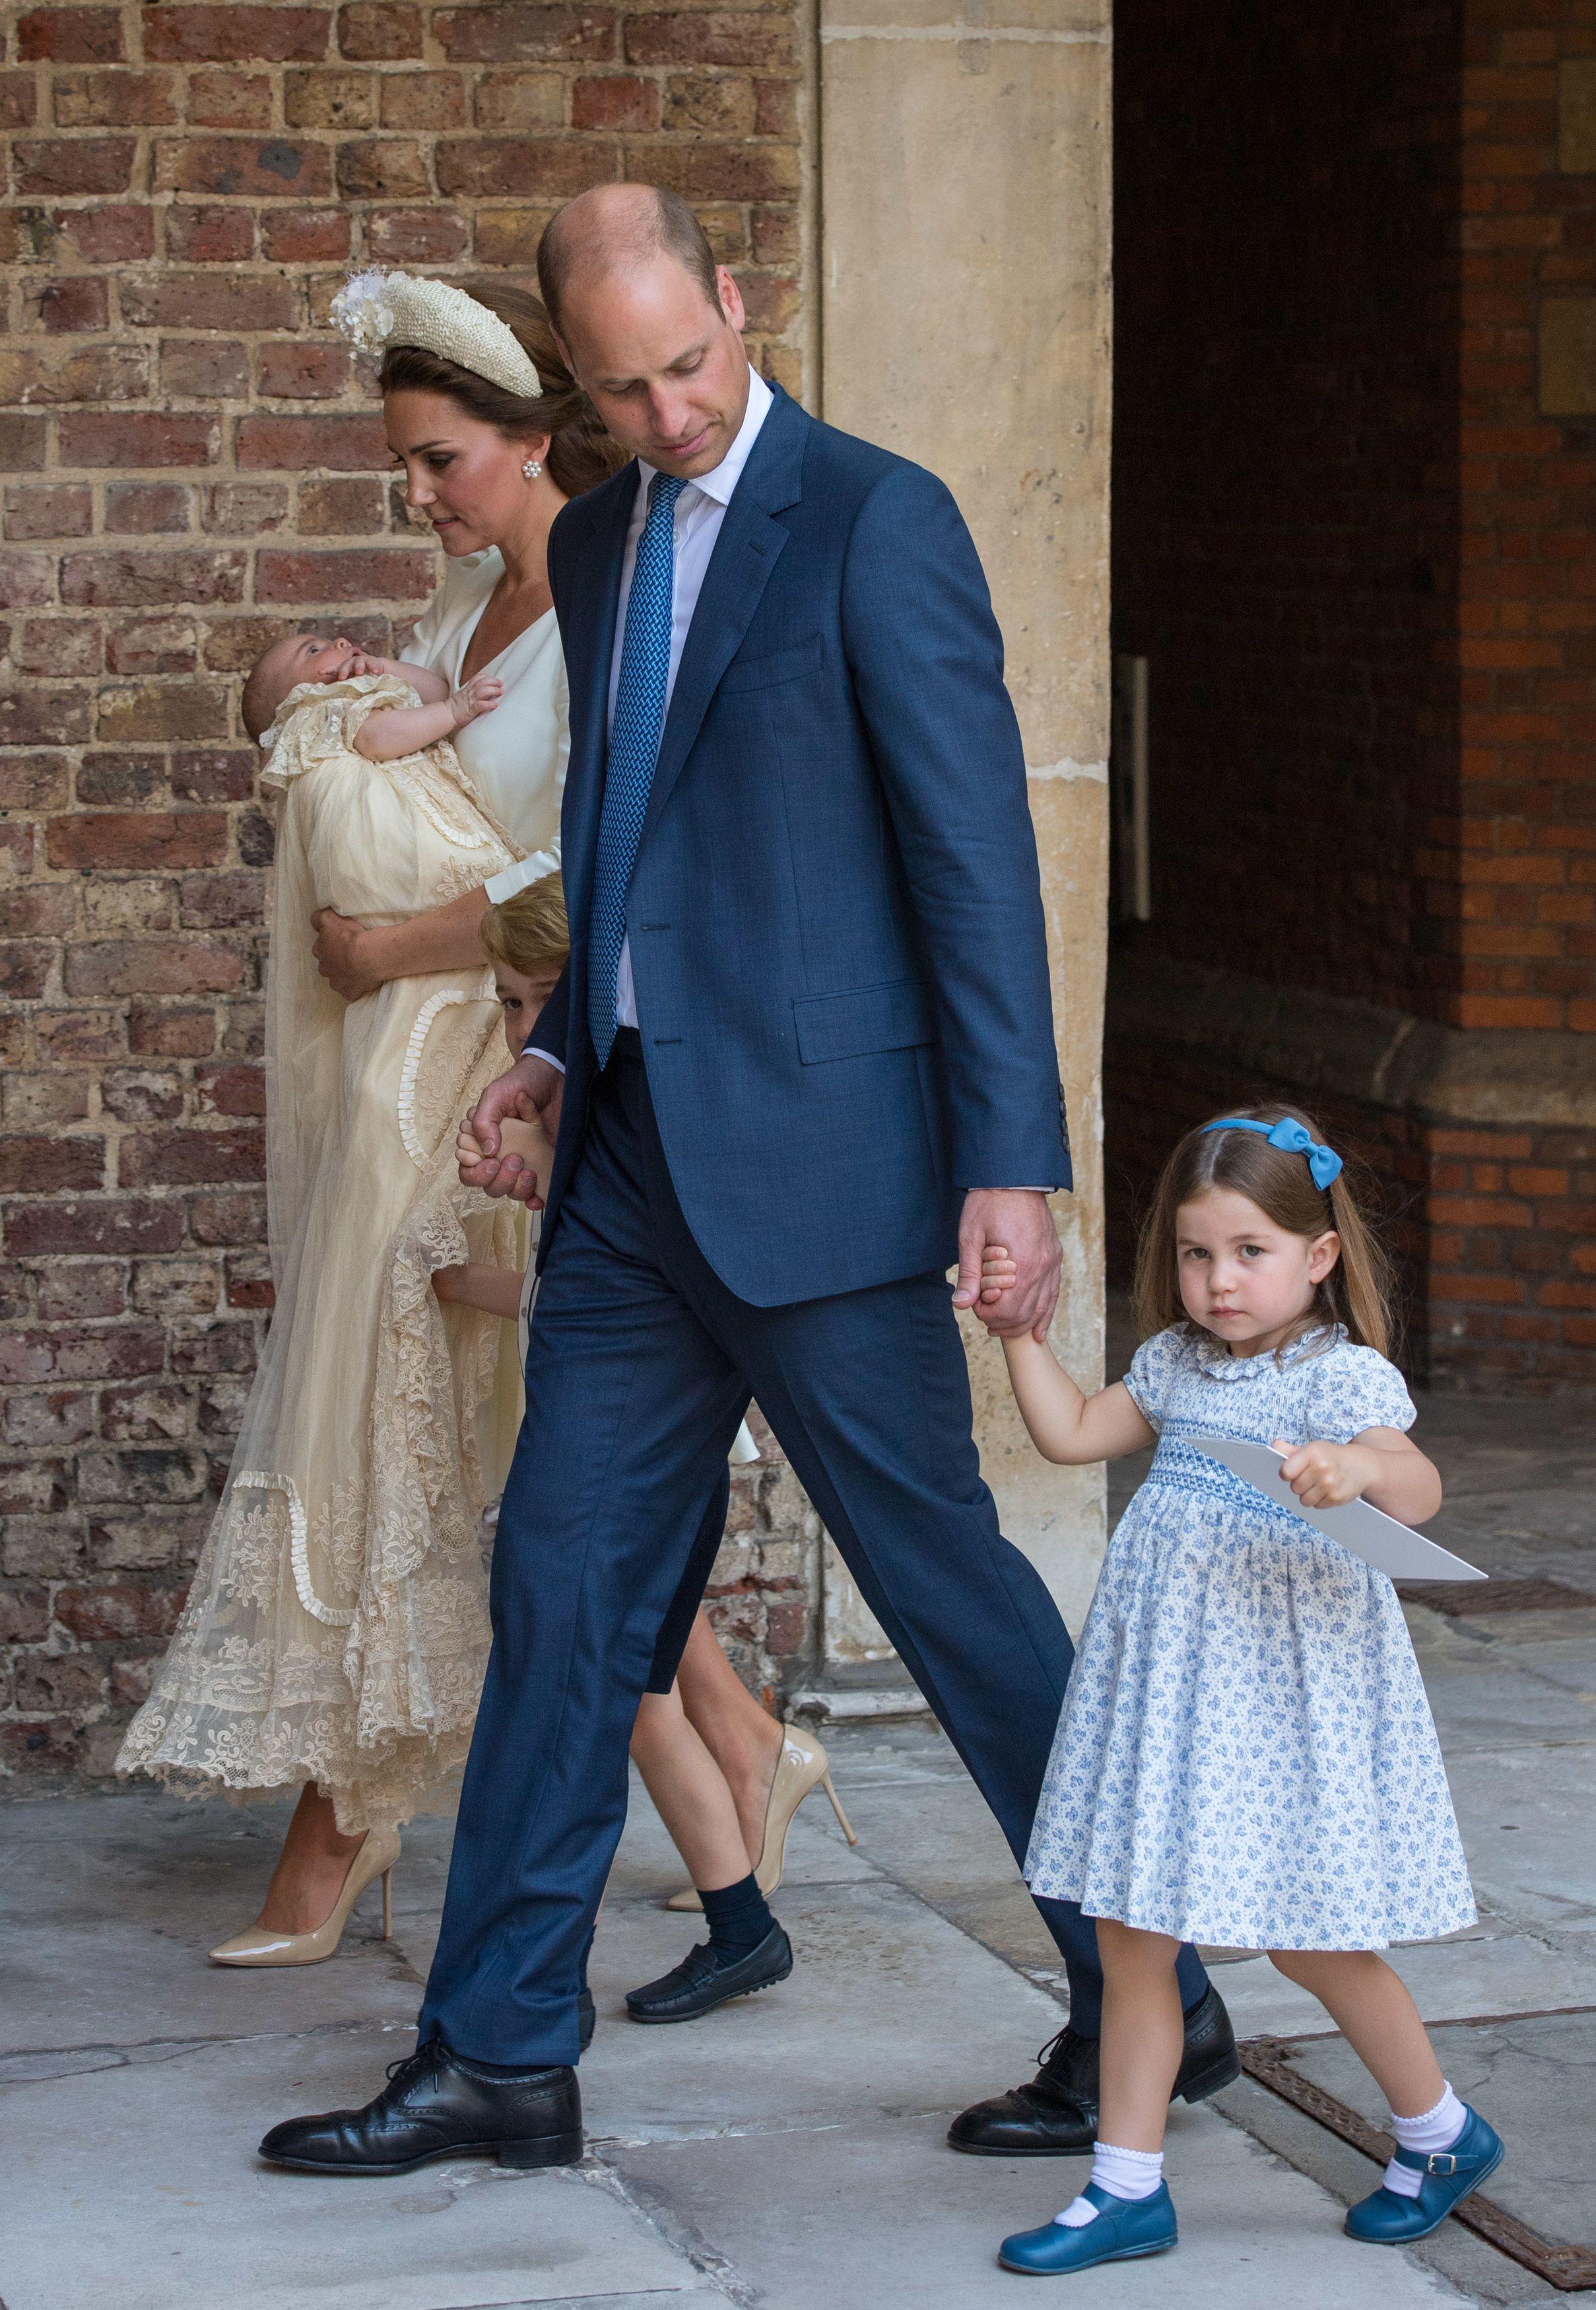 Tiểu công chúa Charlotte mặc đầm hoa nhí mang giày búp bê màu xanh, đi cùng bố mẹ